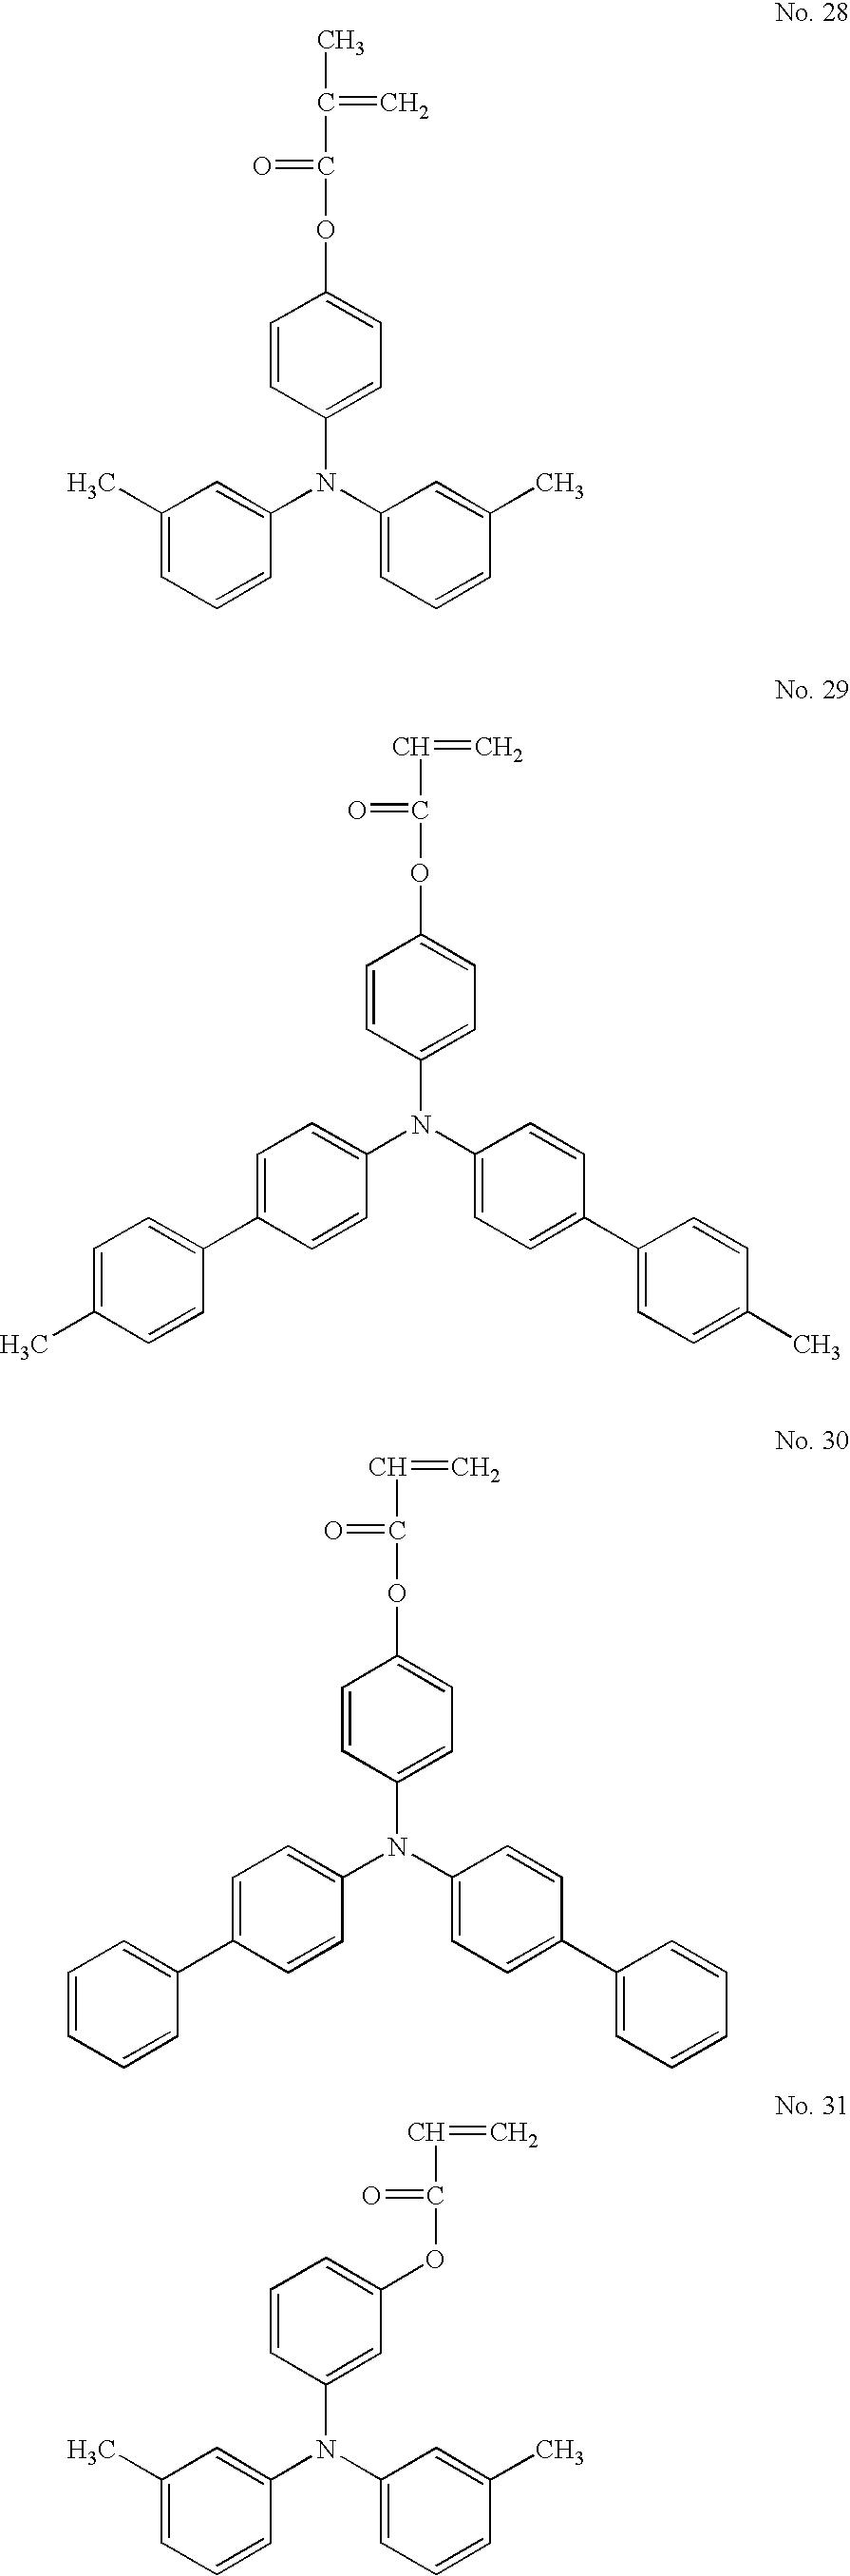 Figure US07824830-20101102-C00026